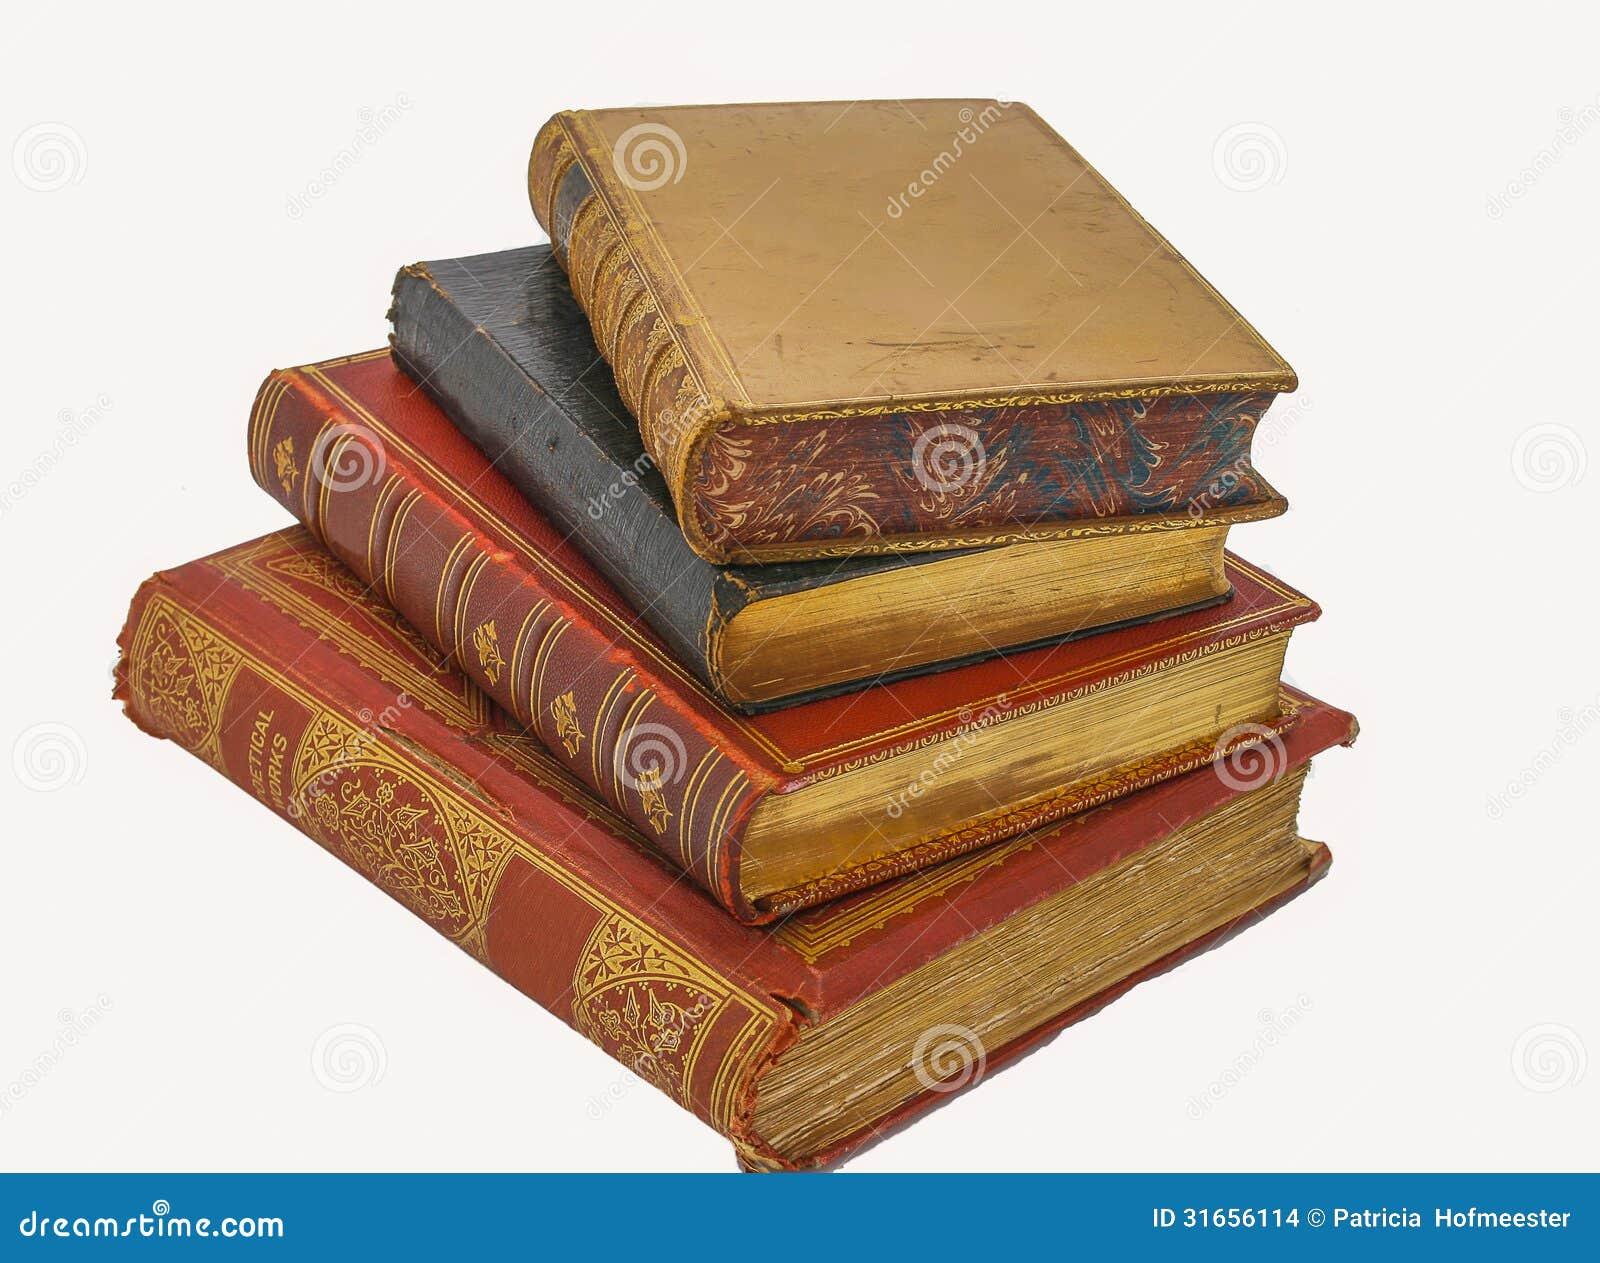 Libros Antiguos Foto De Archivo Imagen De Colección 31656114